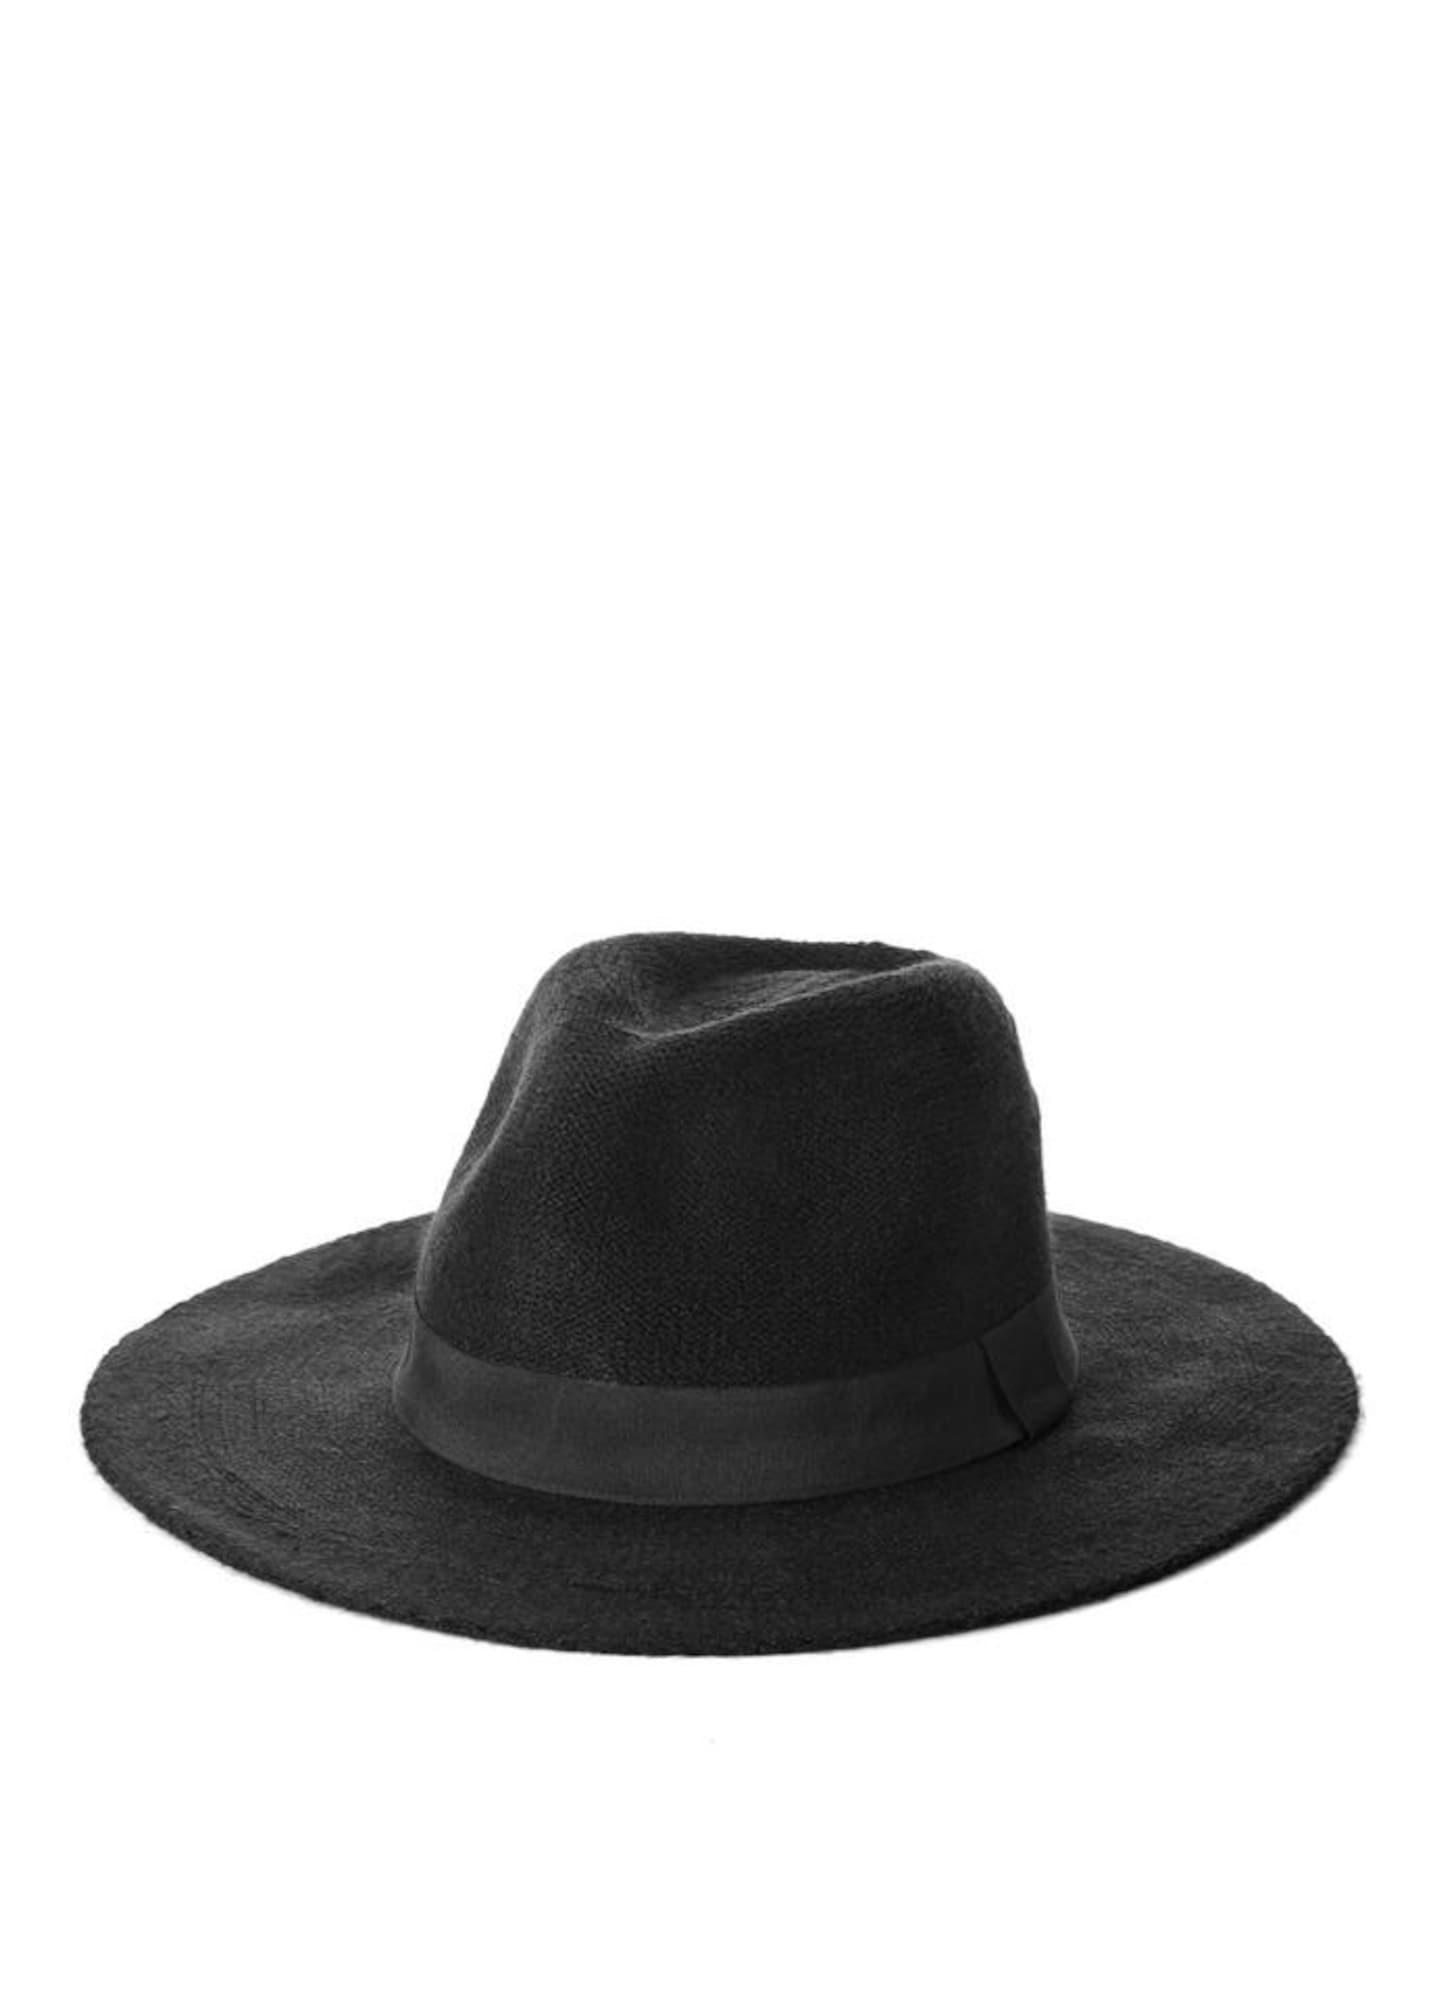 Cowboyhut | Accessoires > Hüte > Cowboyhüte | Lascana